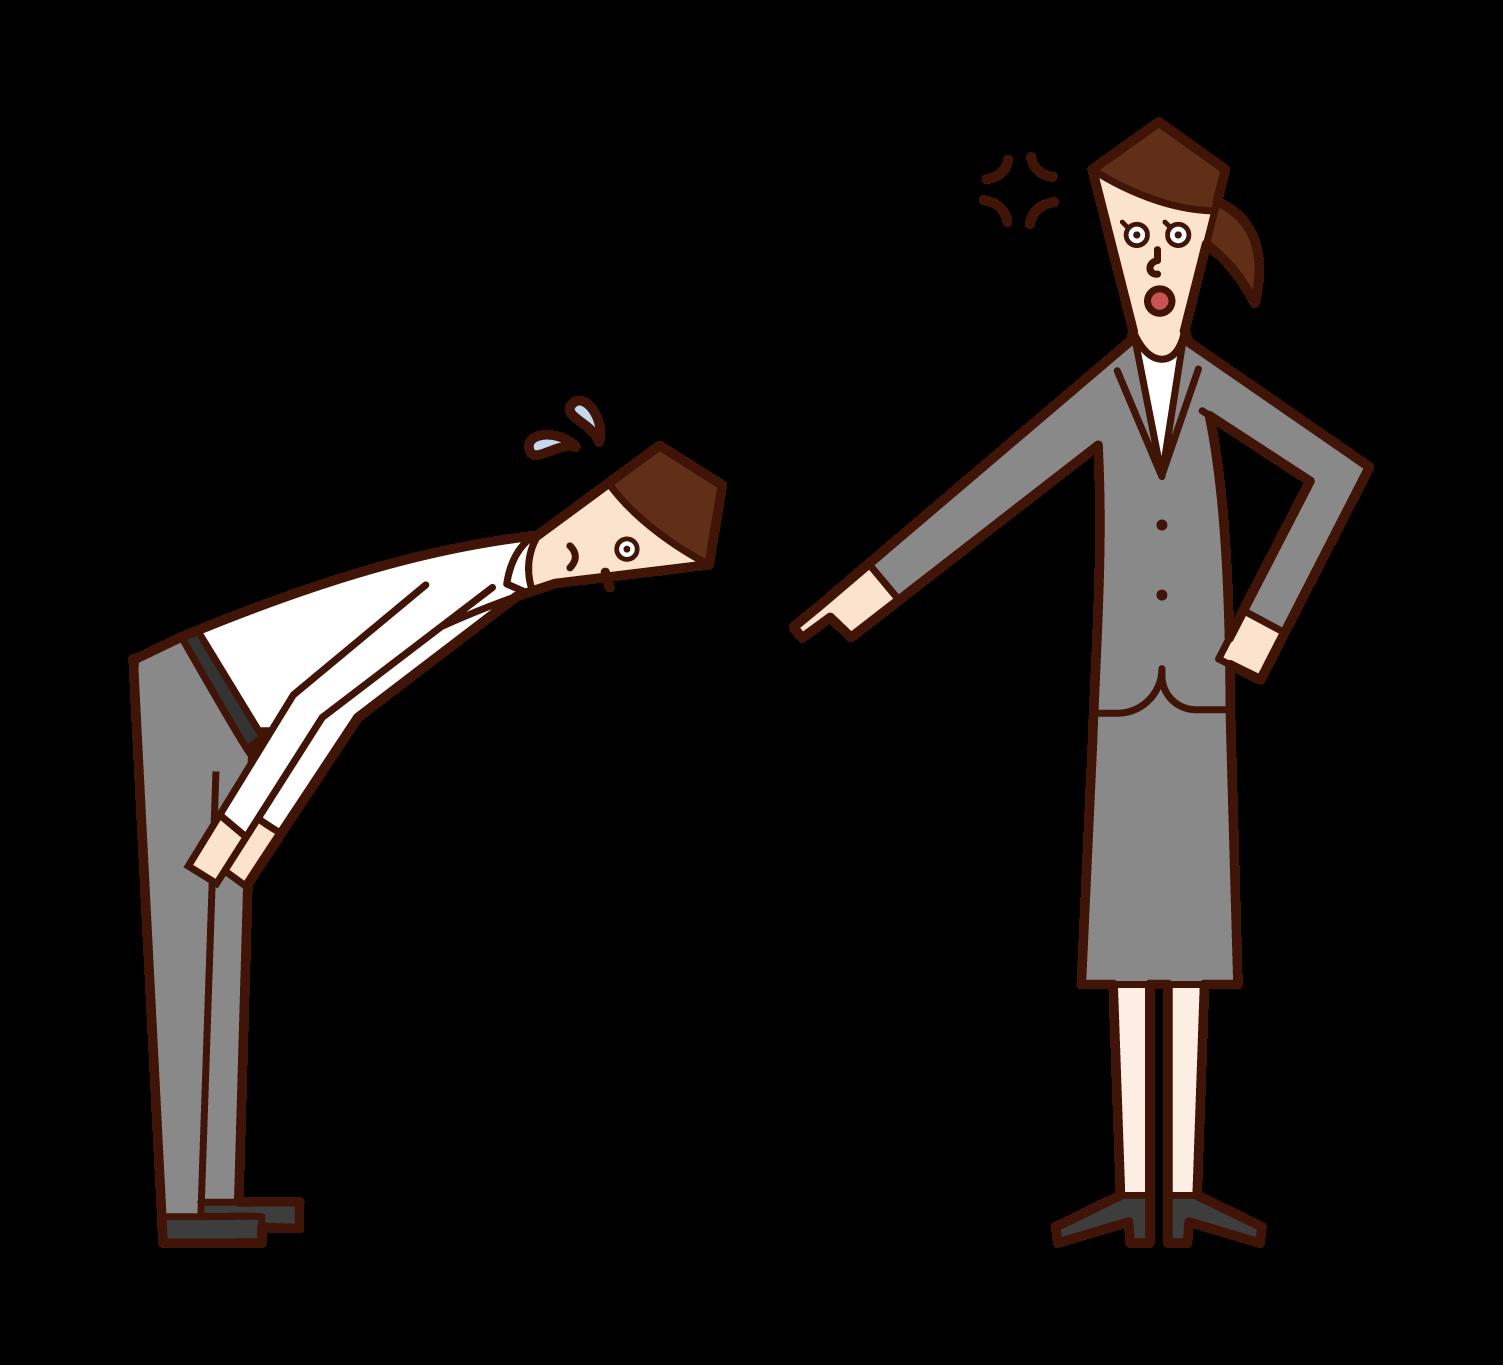 部下を怒る上司(女性)のイラスト